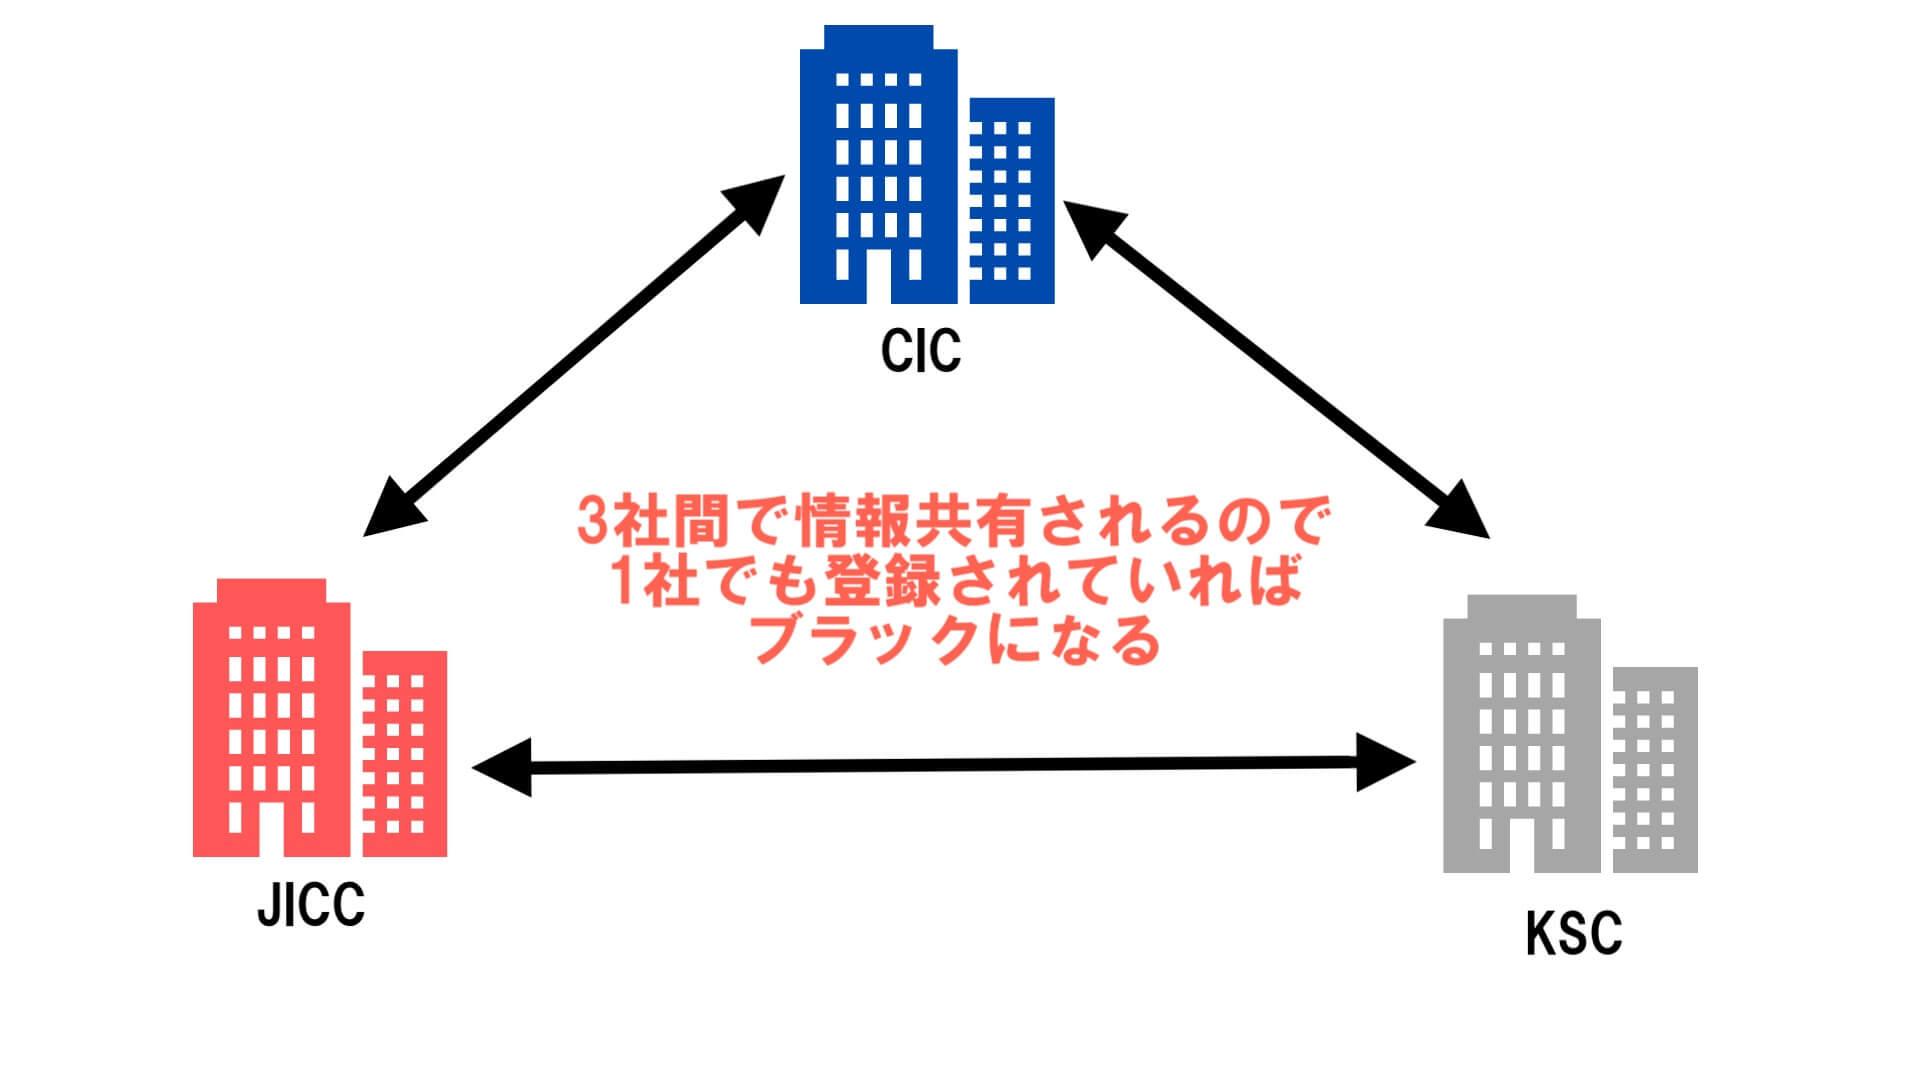 3社間で情報共有されるので1社でも信用情報機関に掲載されるとブラックになる